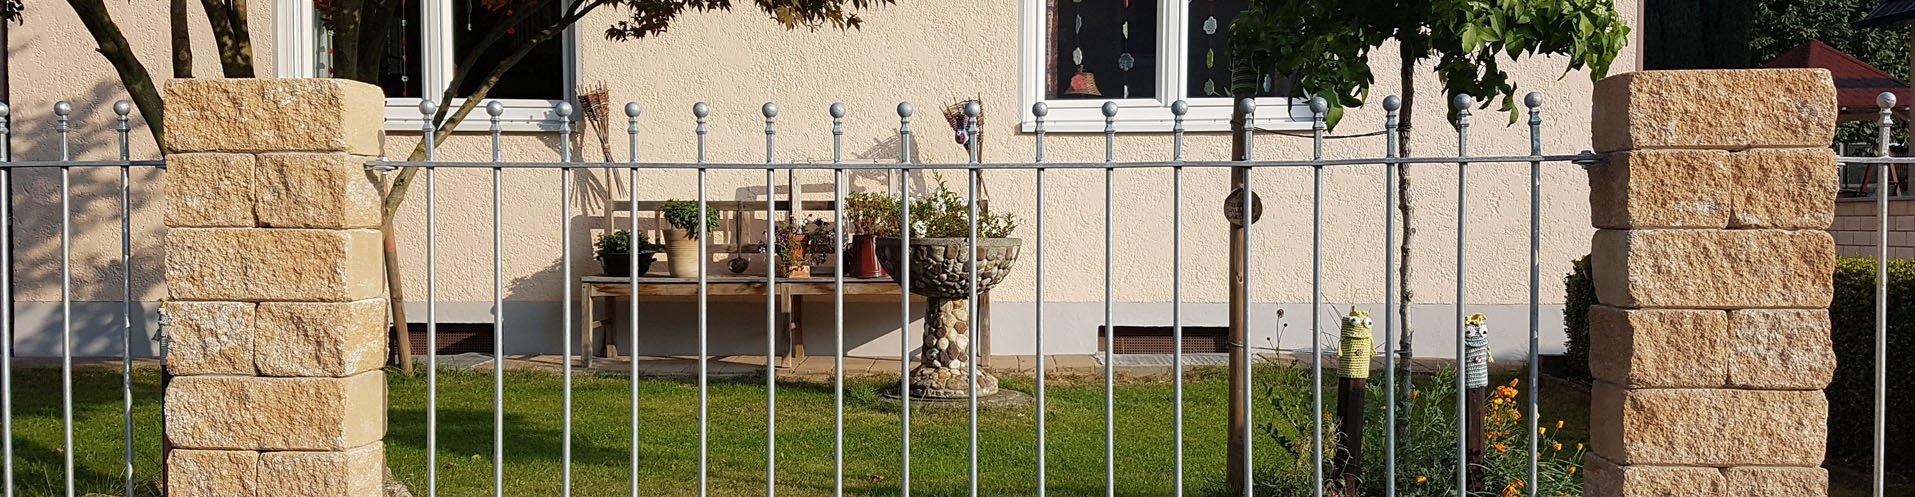 Gartenzäune aus Metall